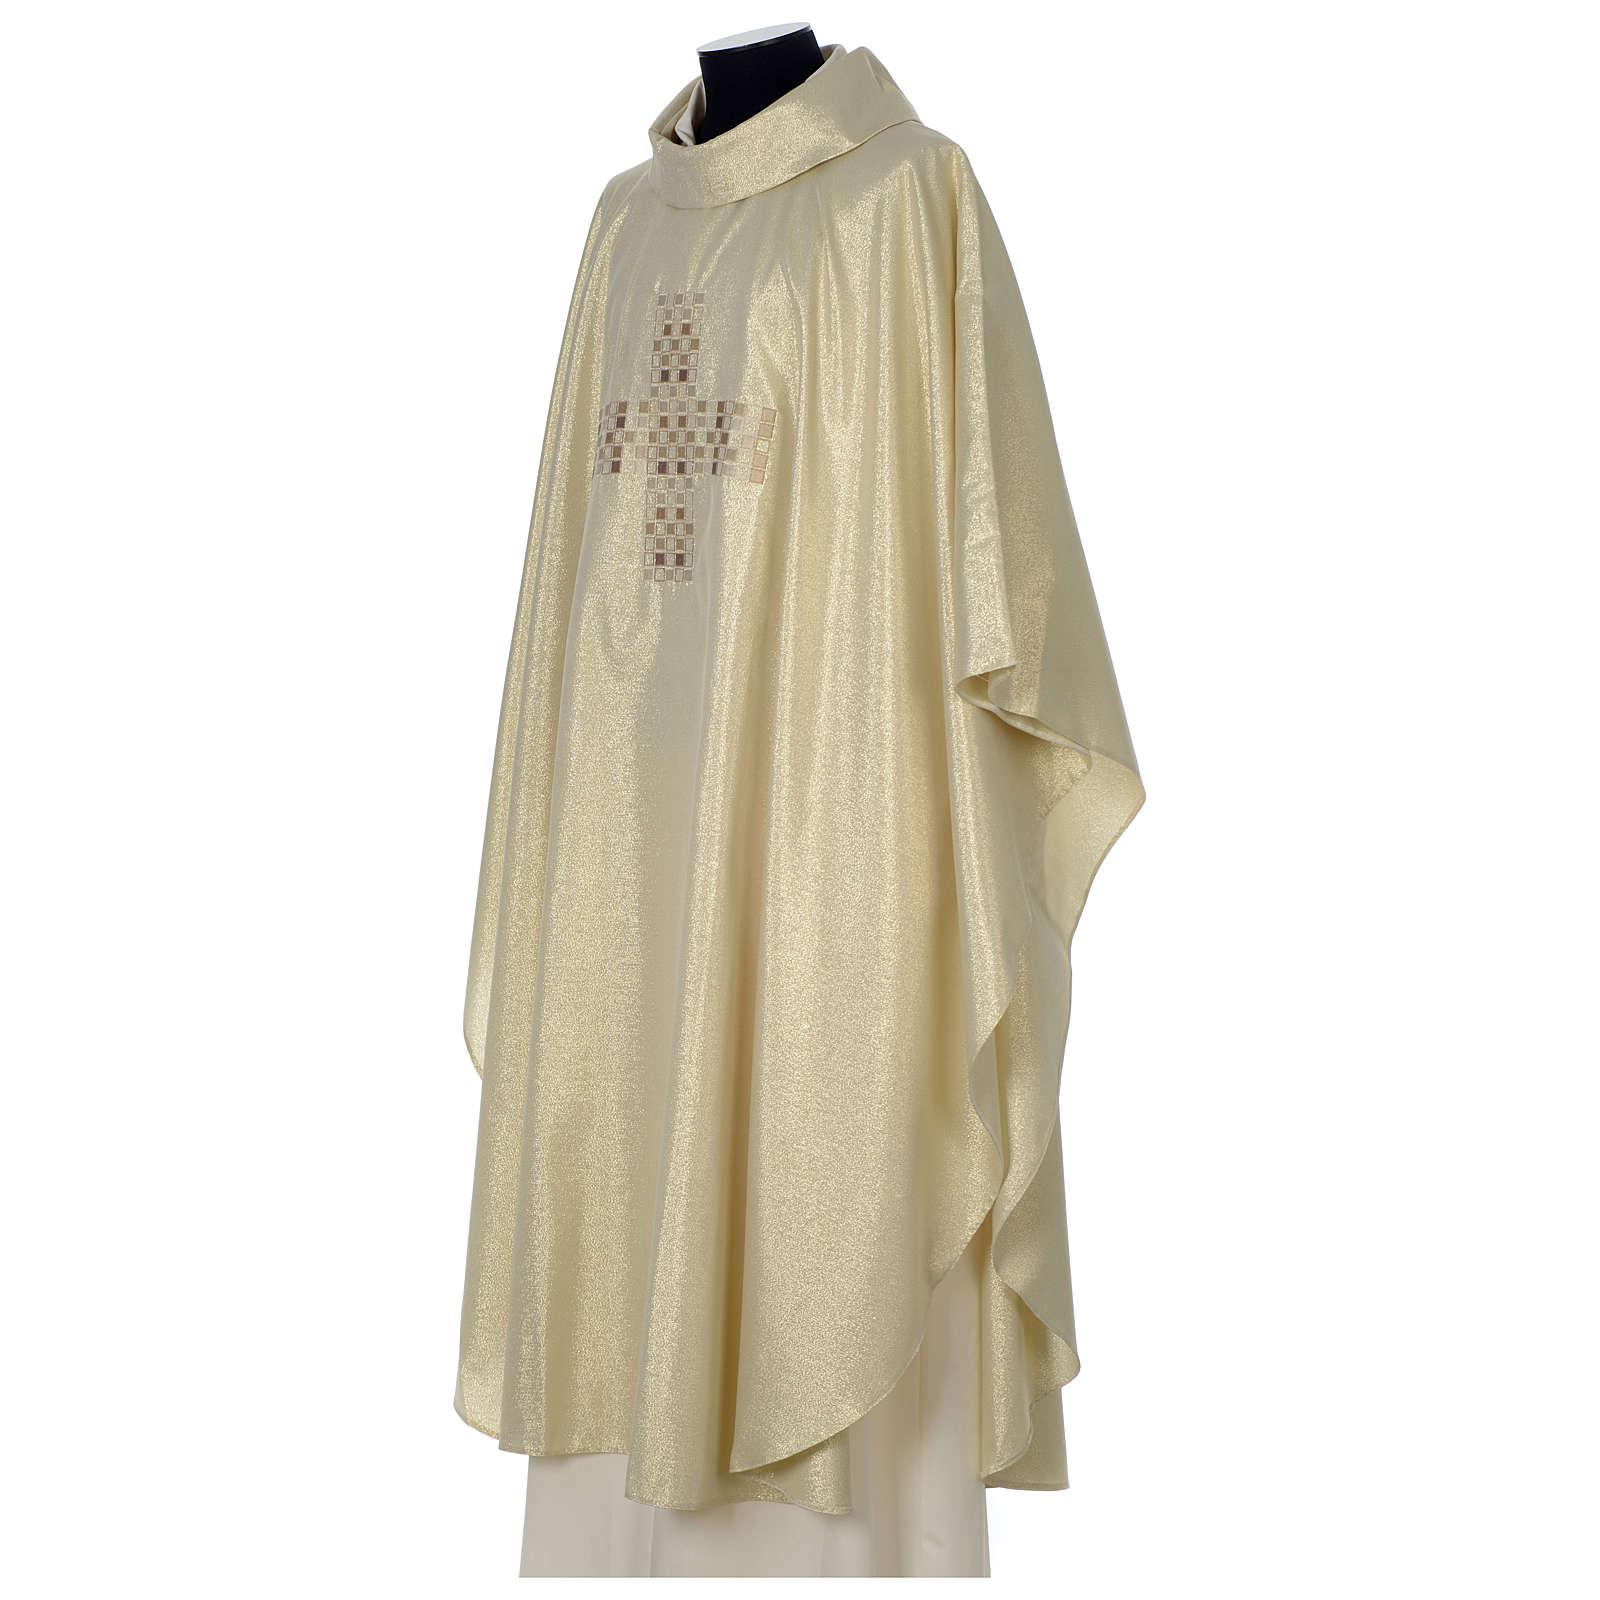 Casula Oro 100% poliestere Croce quadri ricamata 4